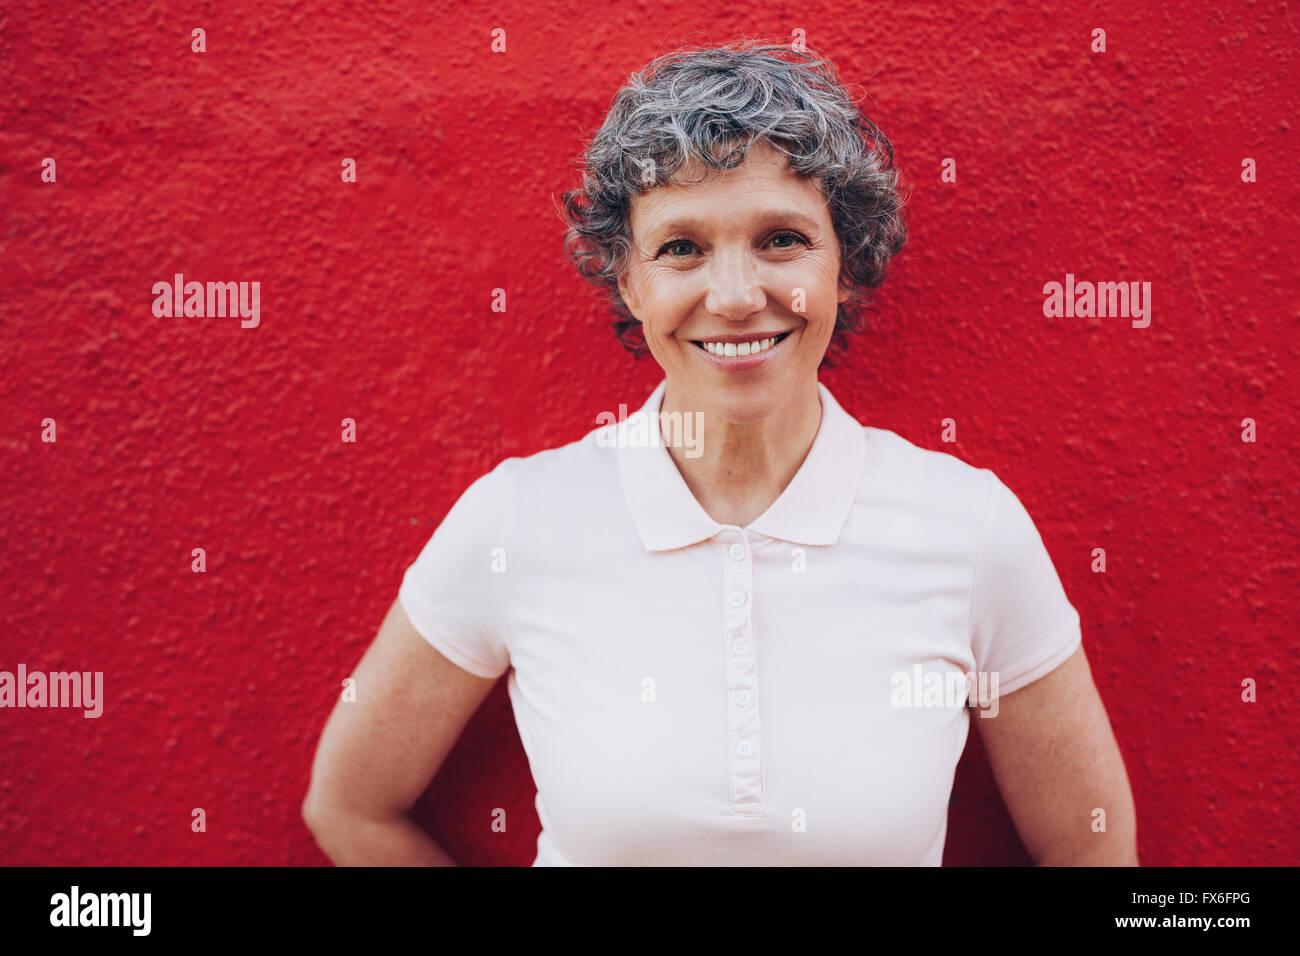 Porträt von senior Frau stand vor rotem Hintergrund. Lächelnd Mitte Erwachsenfrau gegen rote Wand. Stockbild